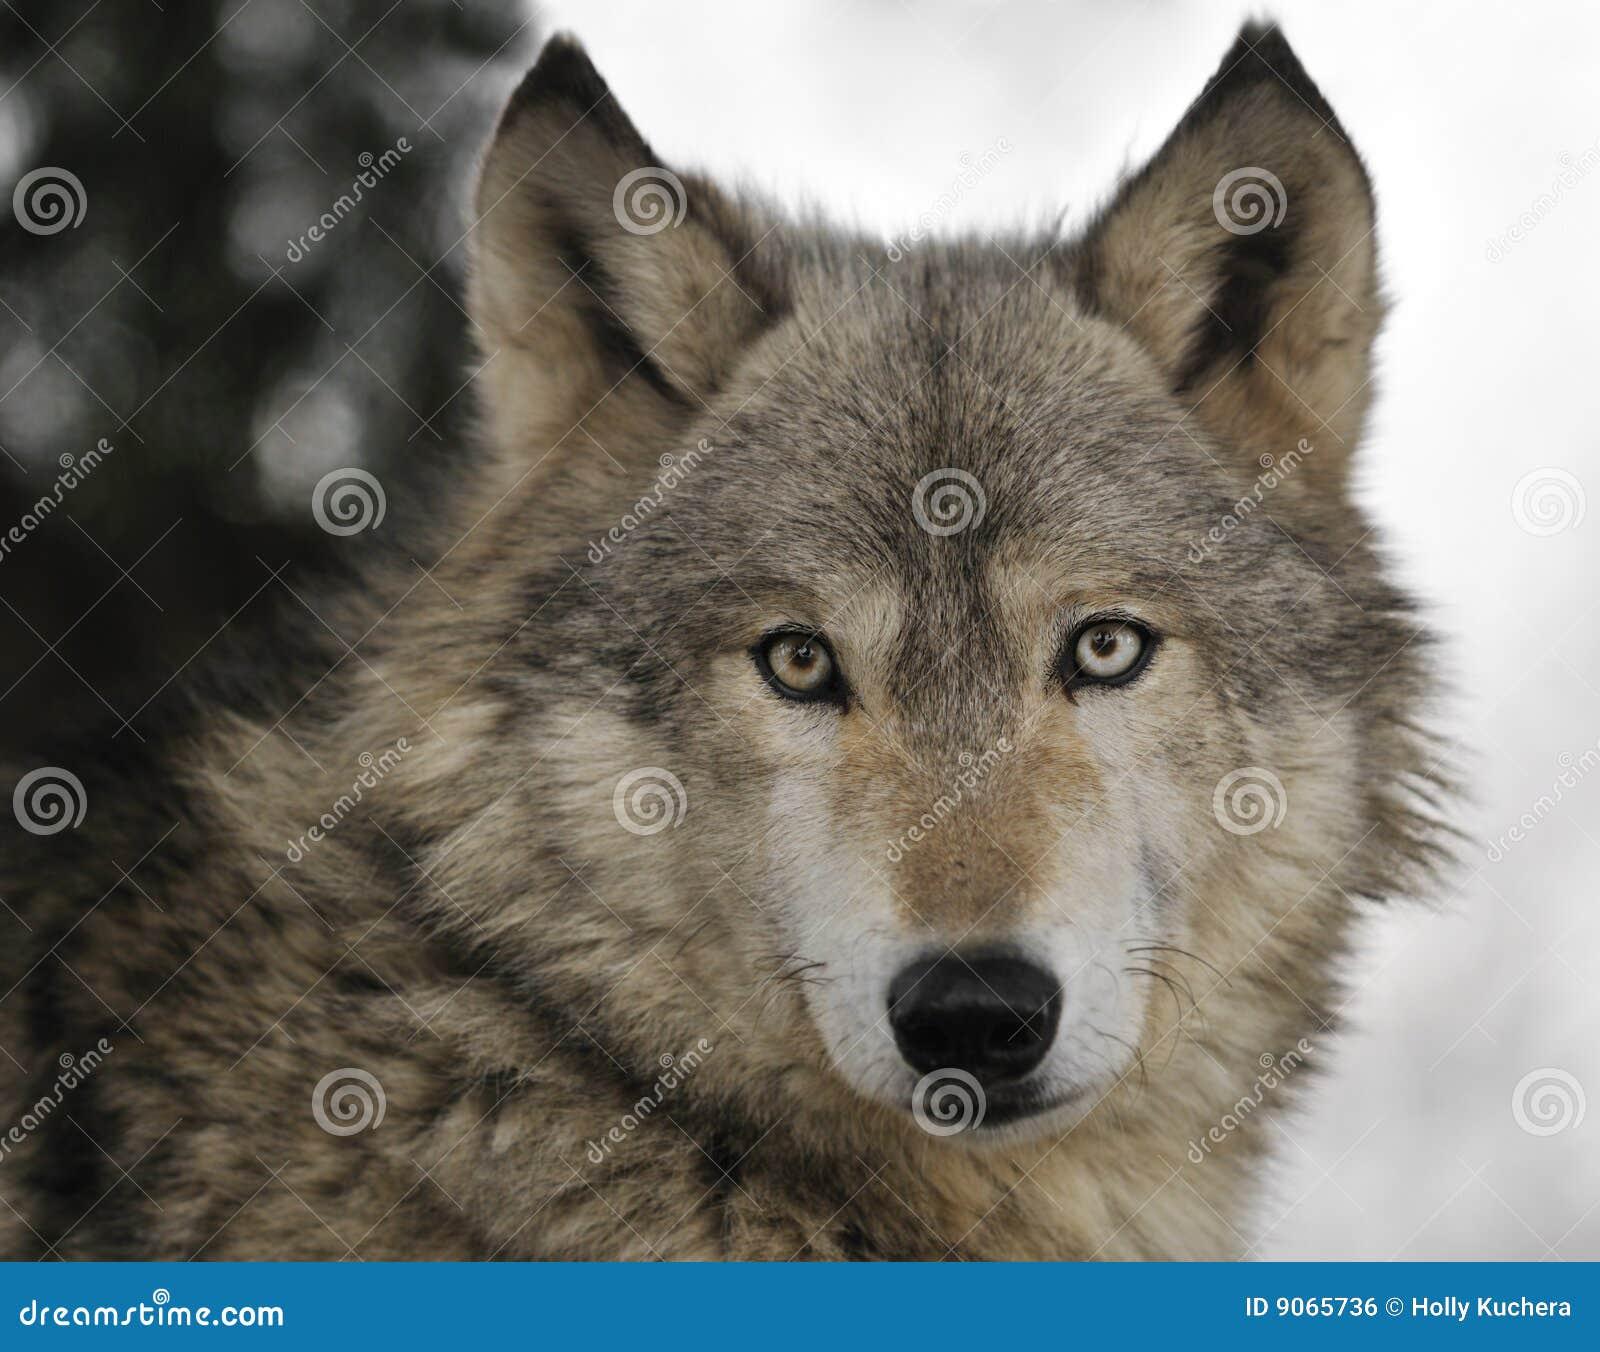 Holly Wolf photos